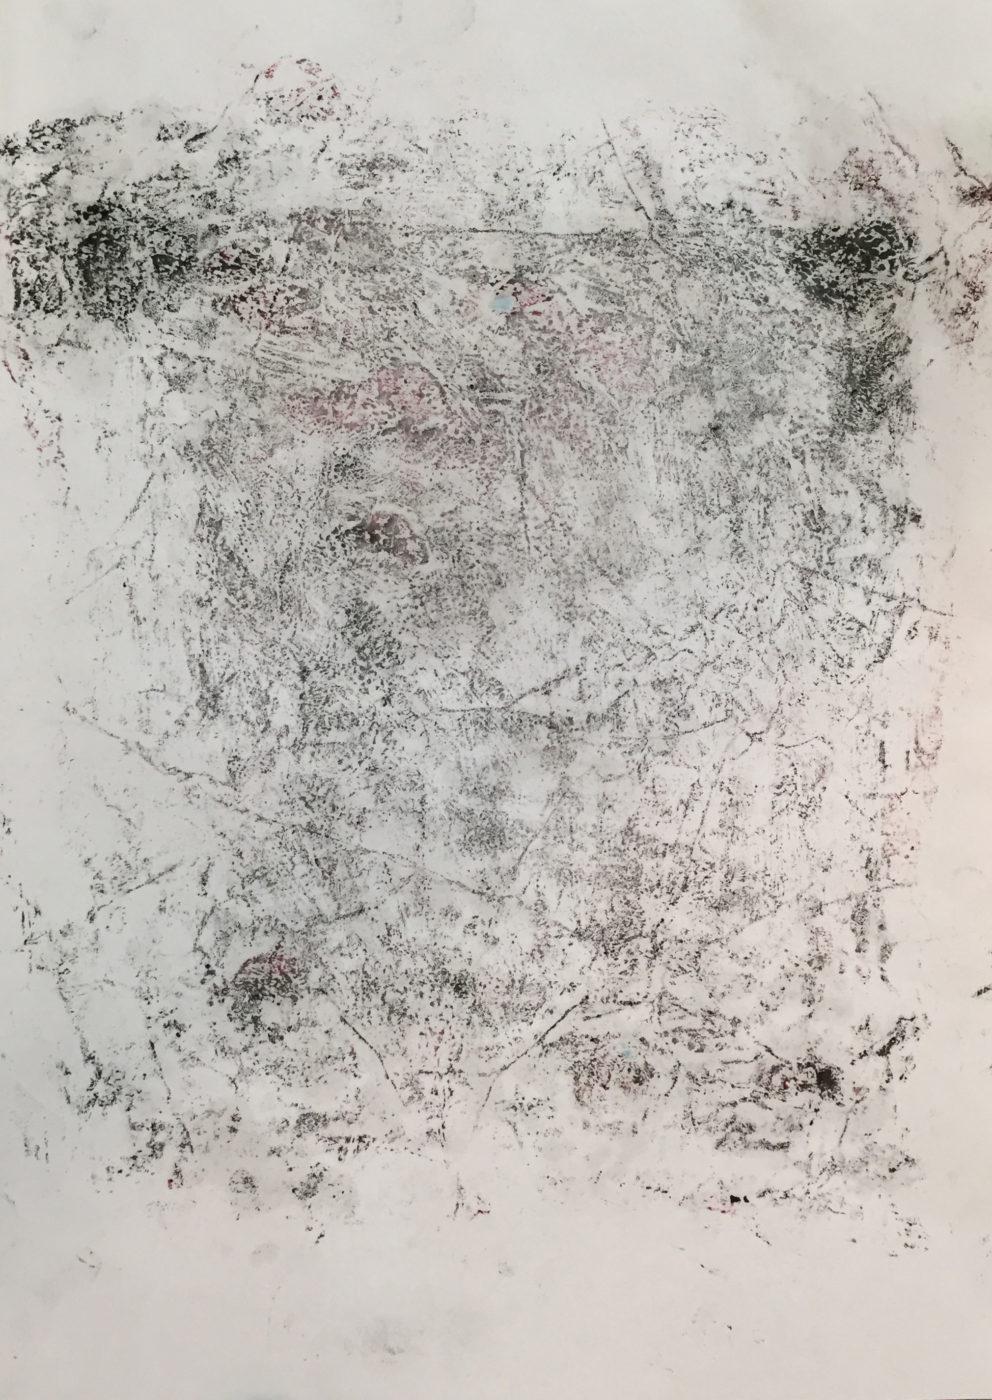 MARC FELD 2016 TREMBLÉ Huile, mine de plomb et acrylique sur papier 29,7x21 cm